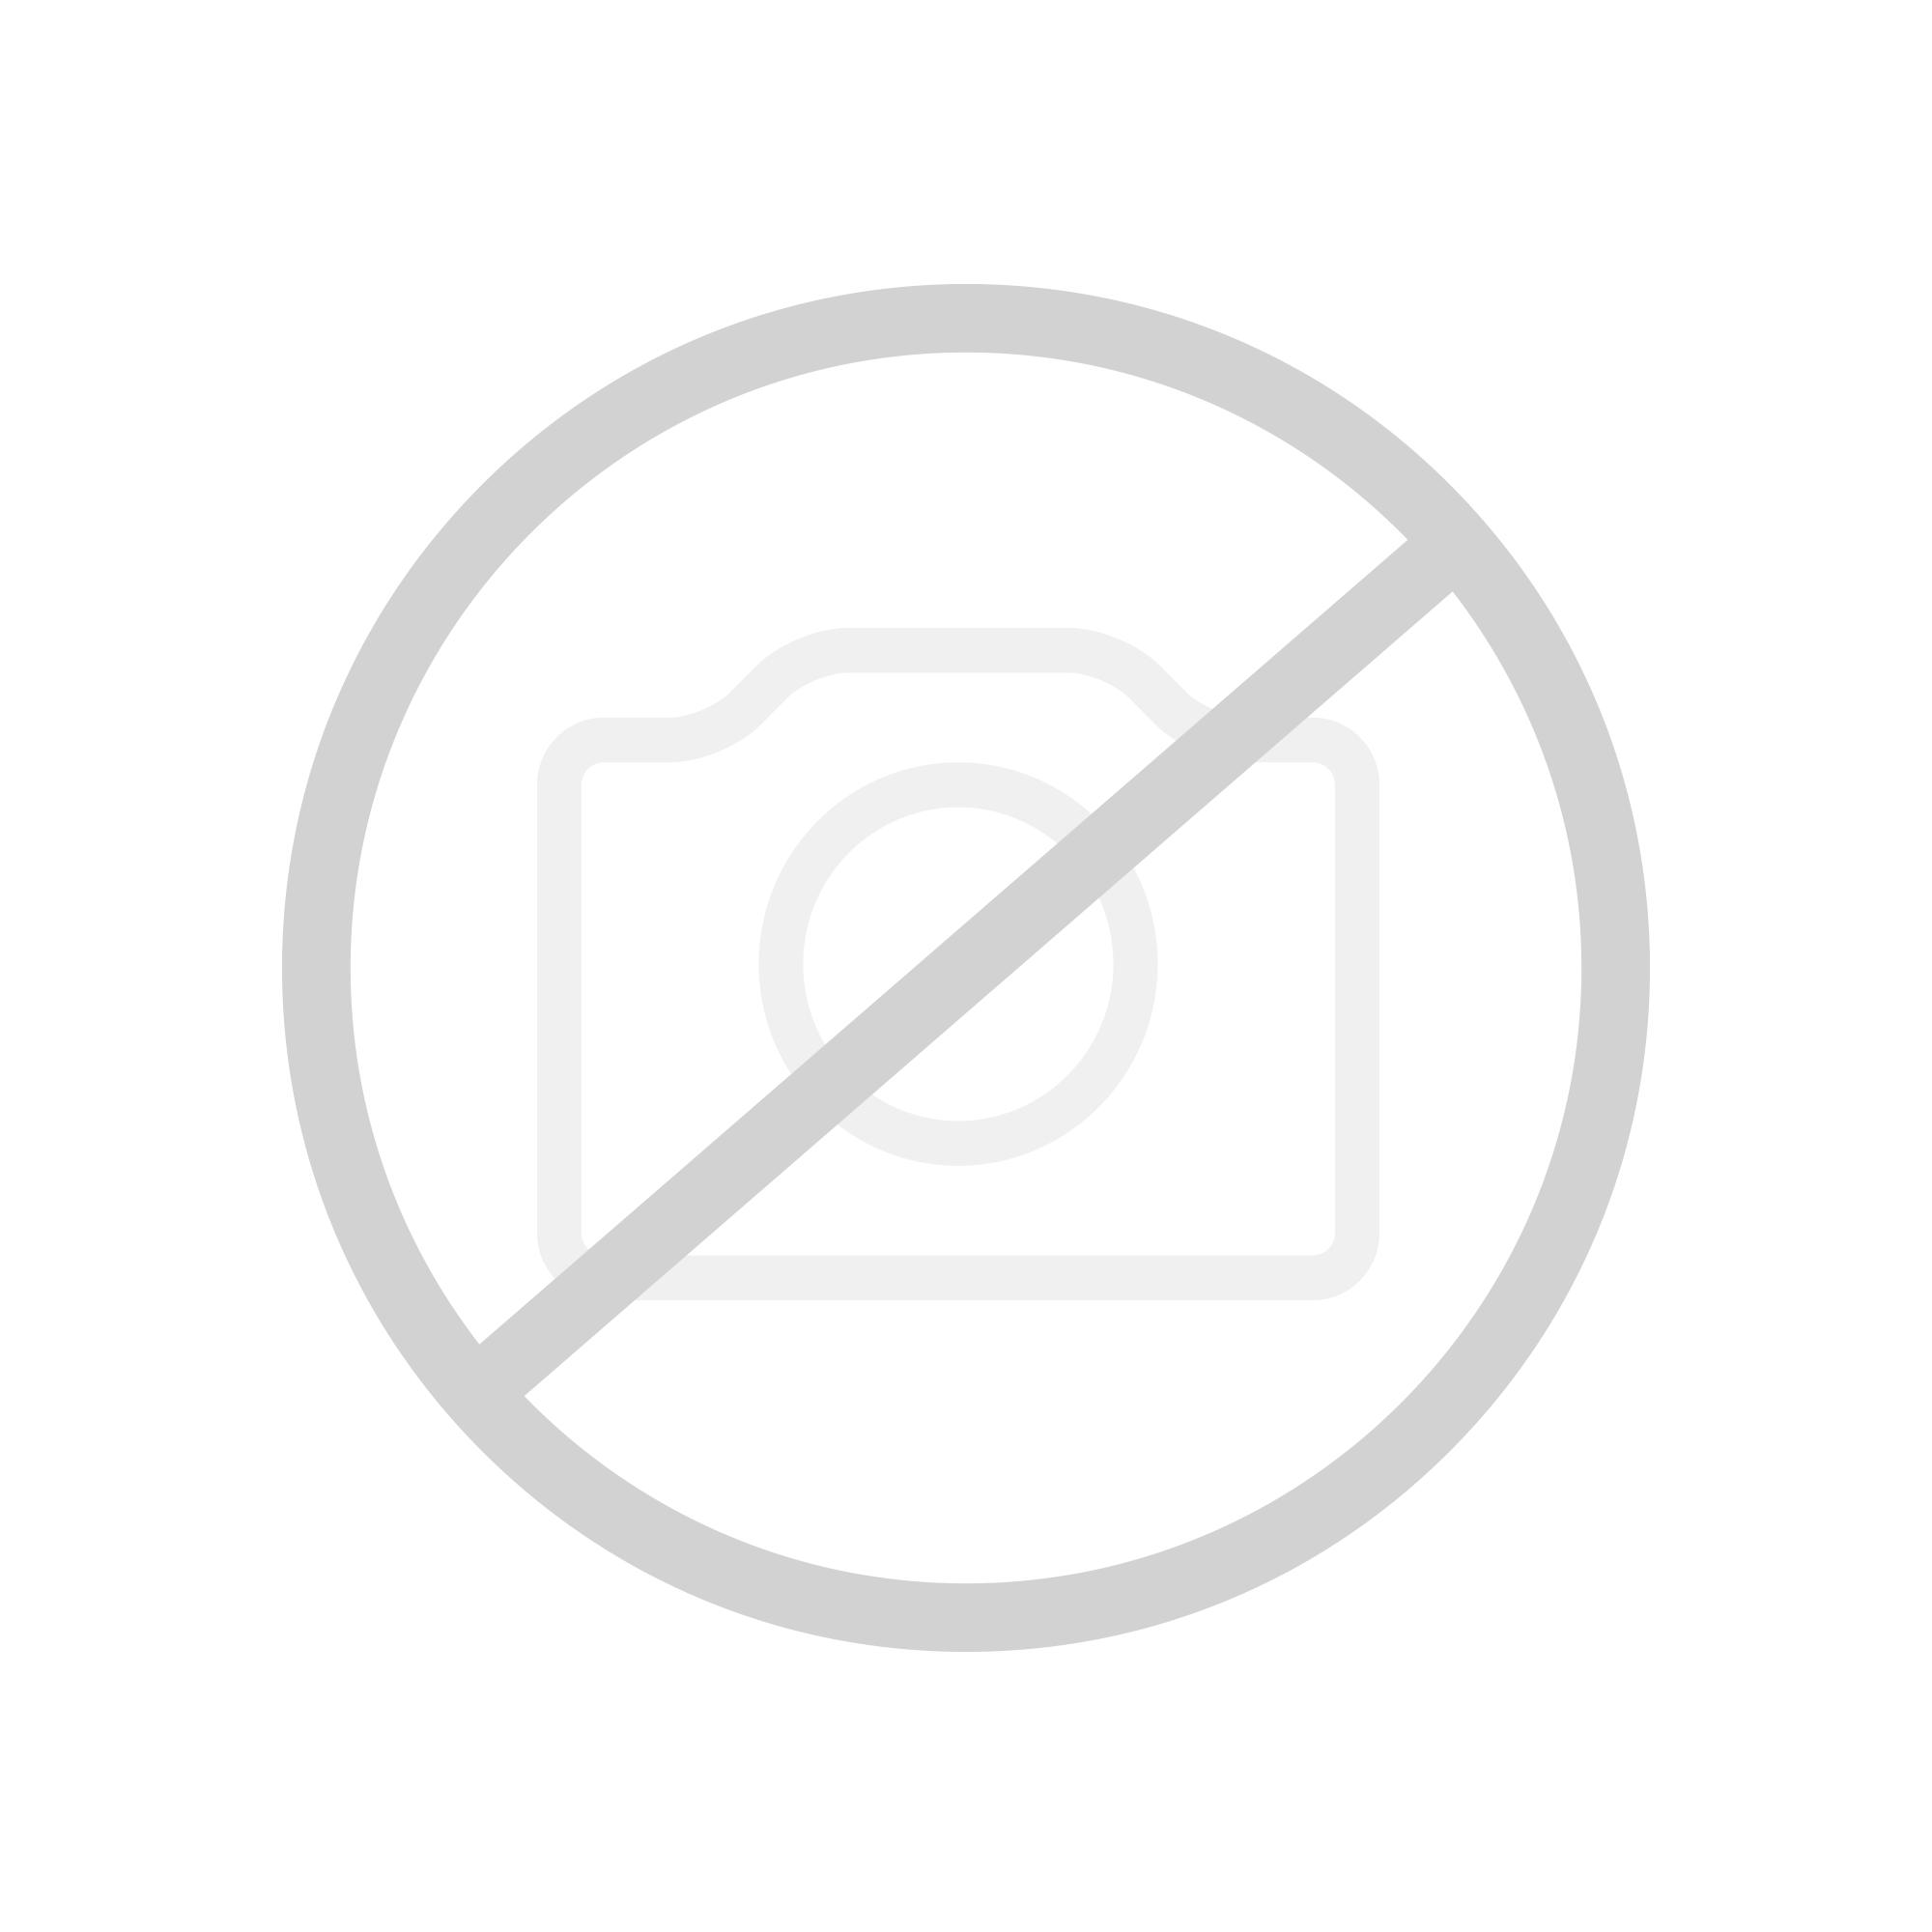 Hansgrohe Logis Handtuchhalter, zweiarmig chrom